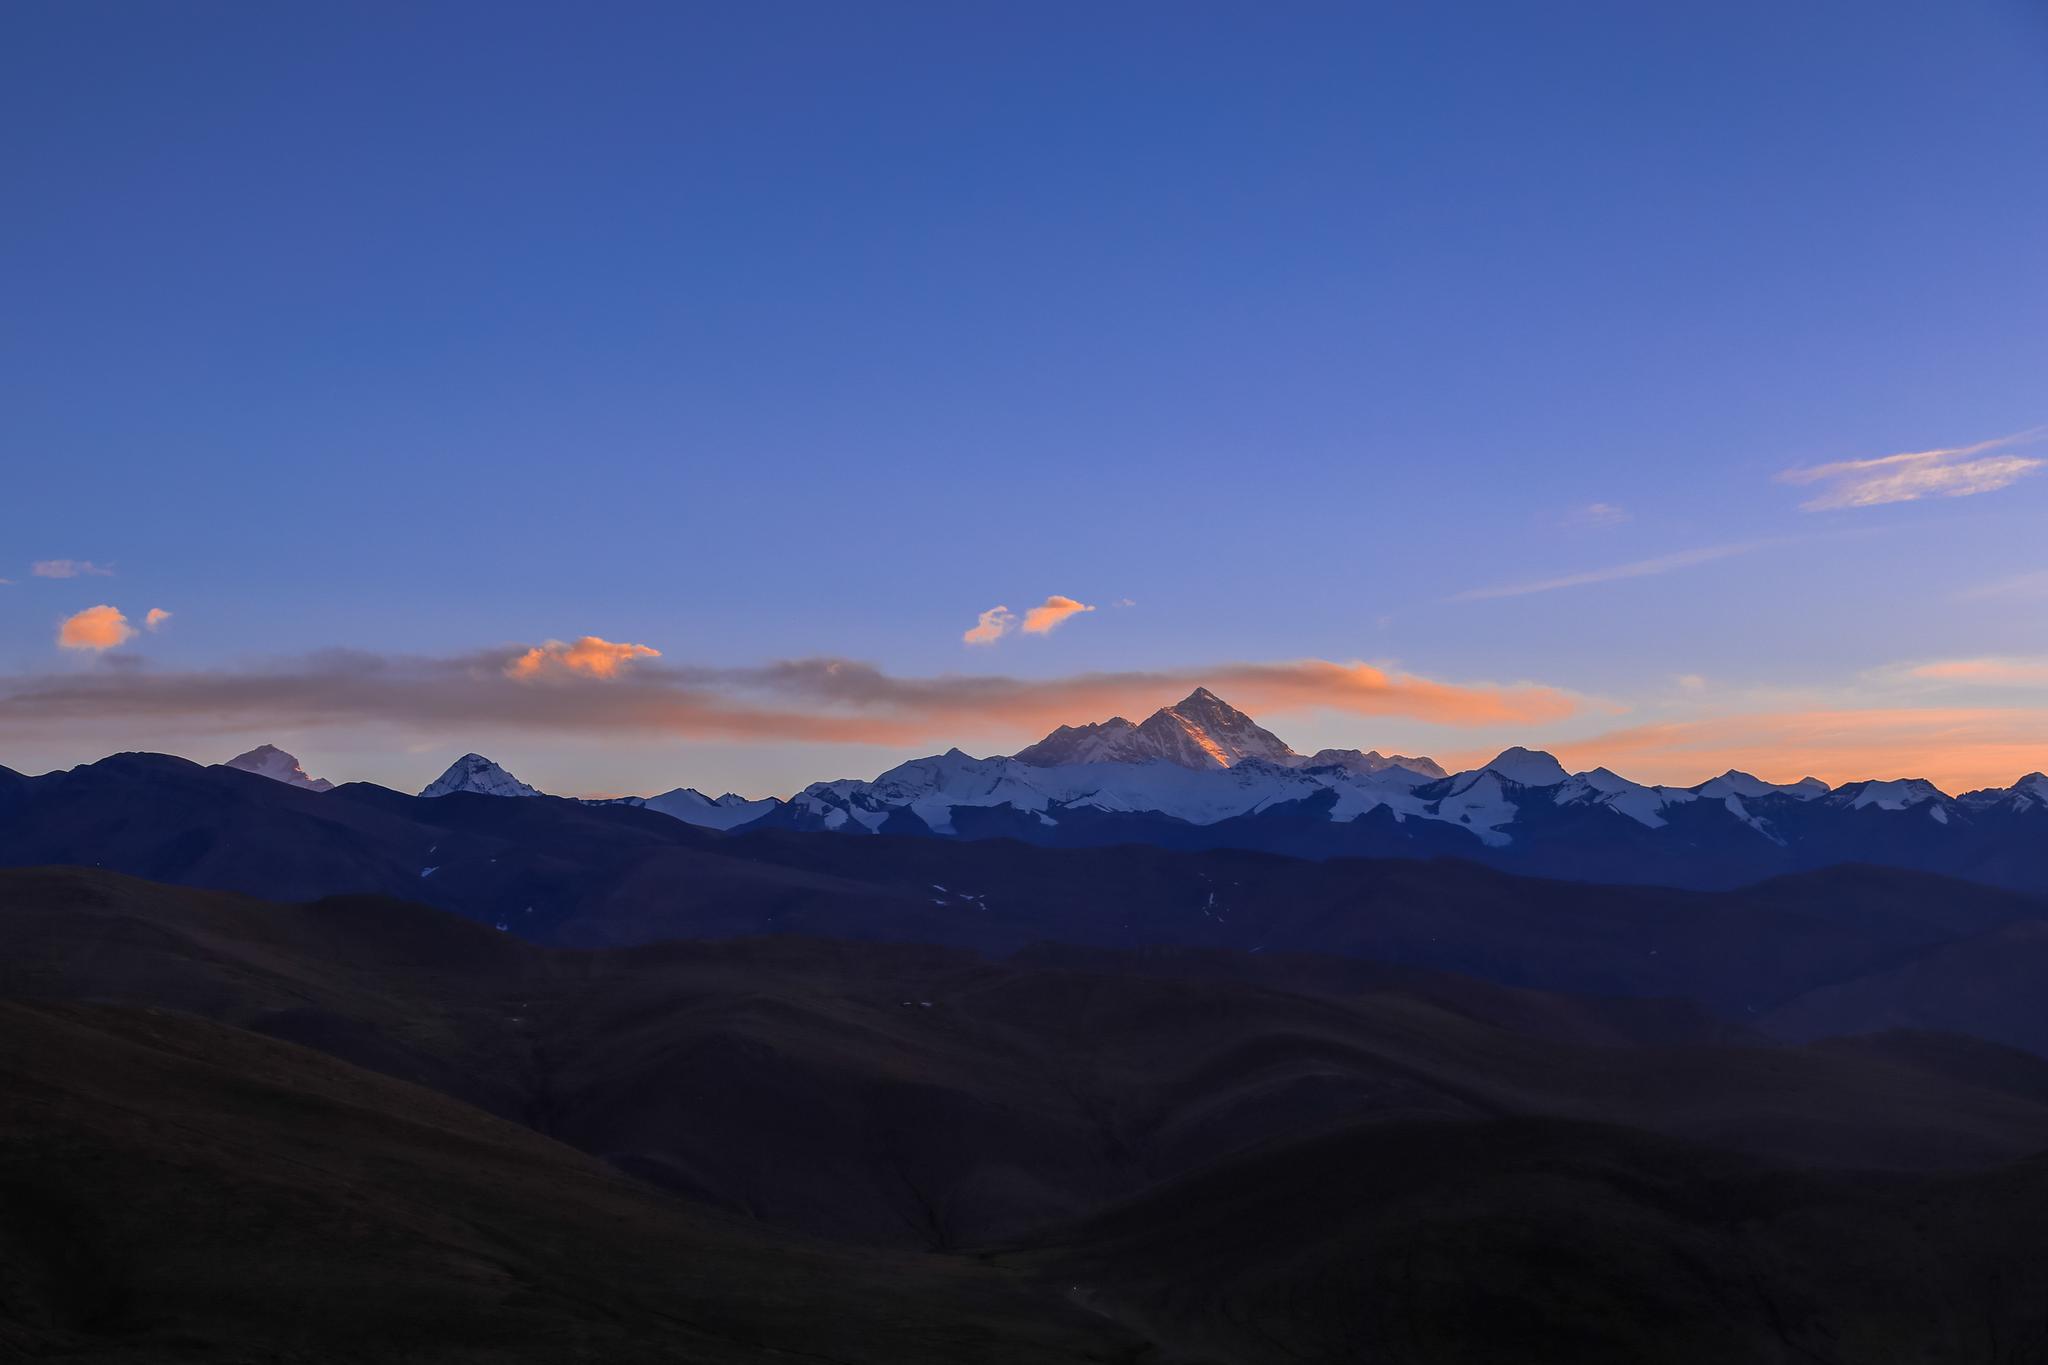 傍晚的珠穆朗玛峰